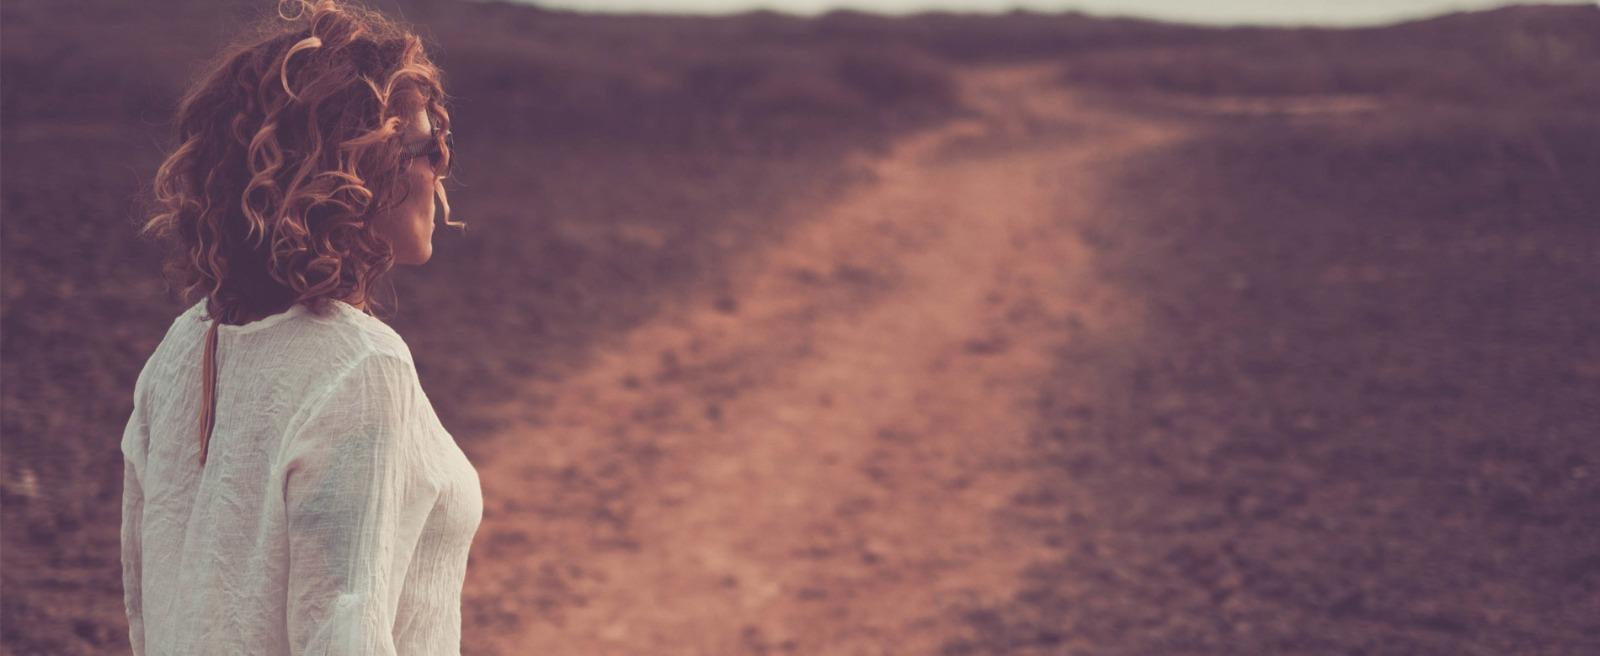 176 – Delante de una situación… ¿qué quiere Jesús que haga?